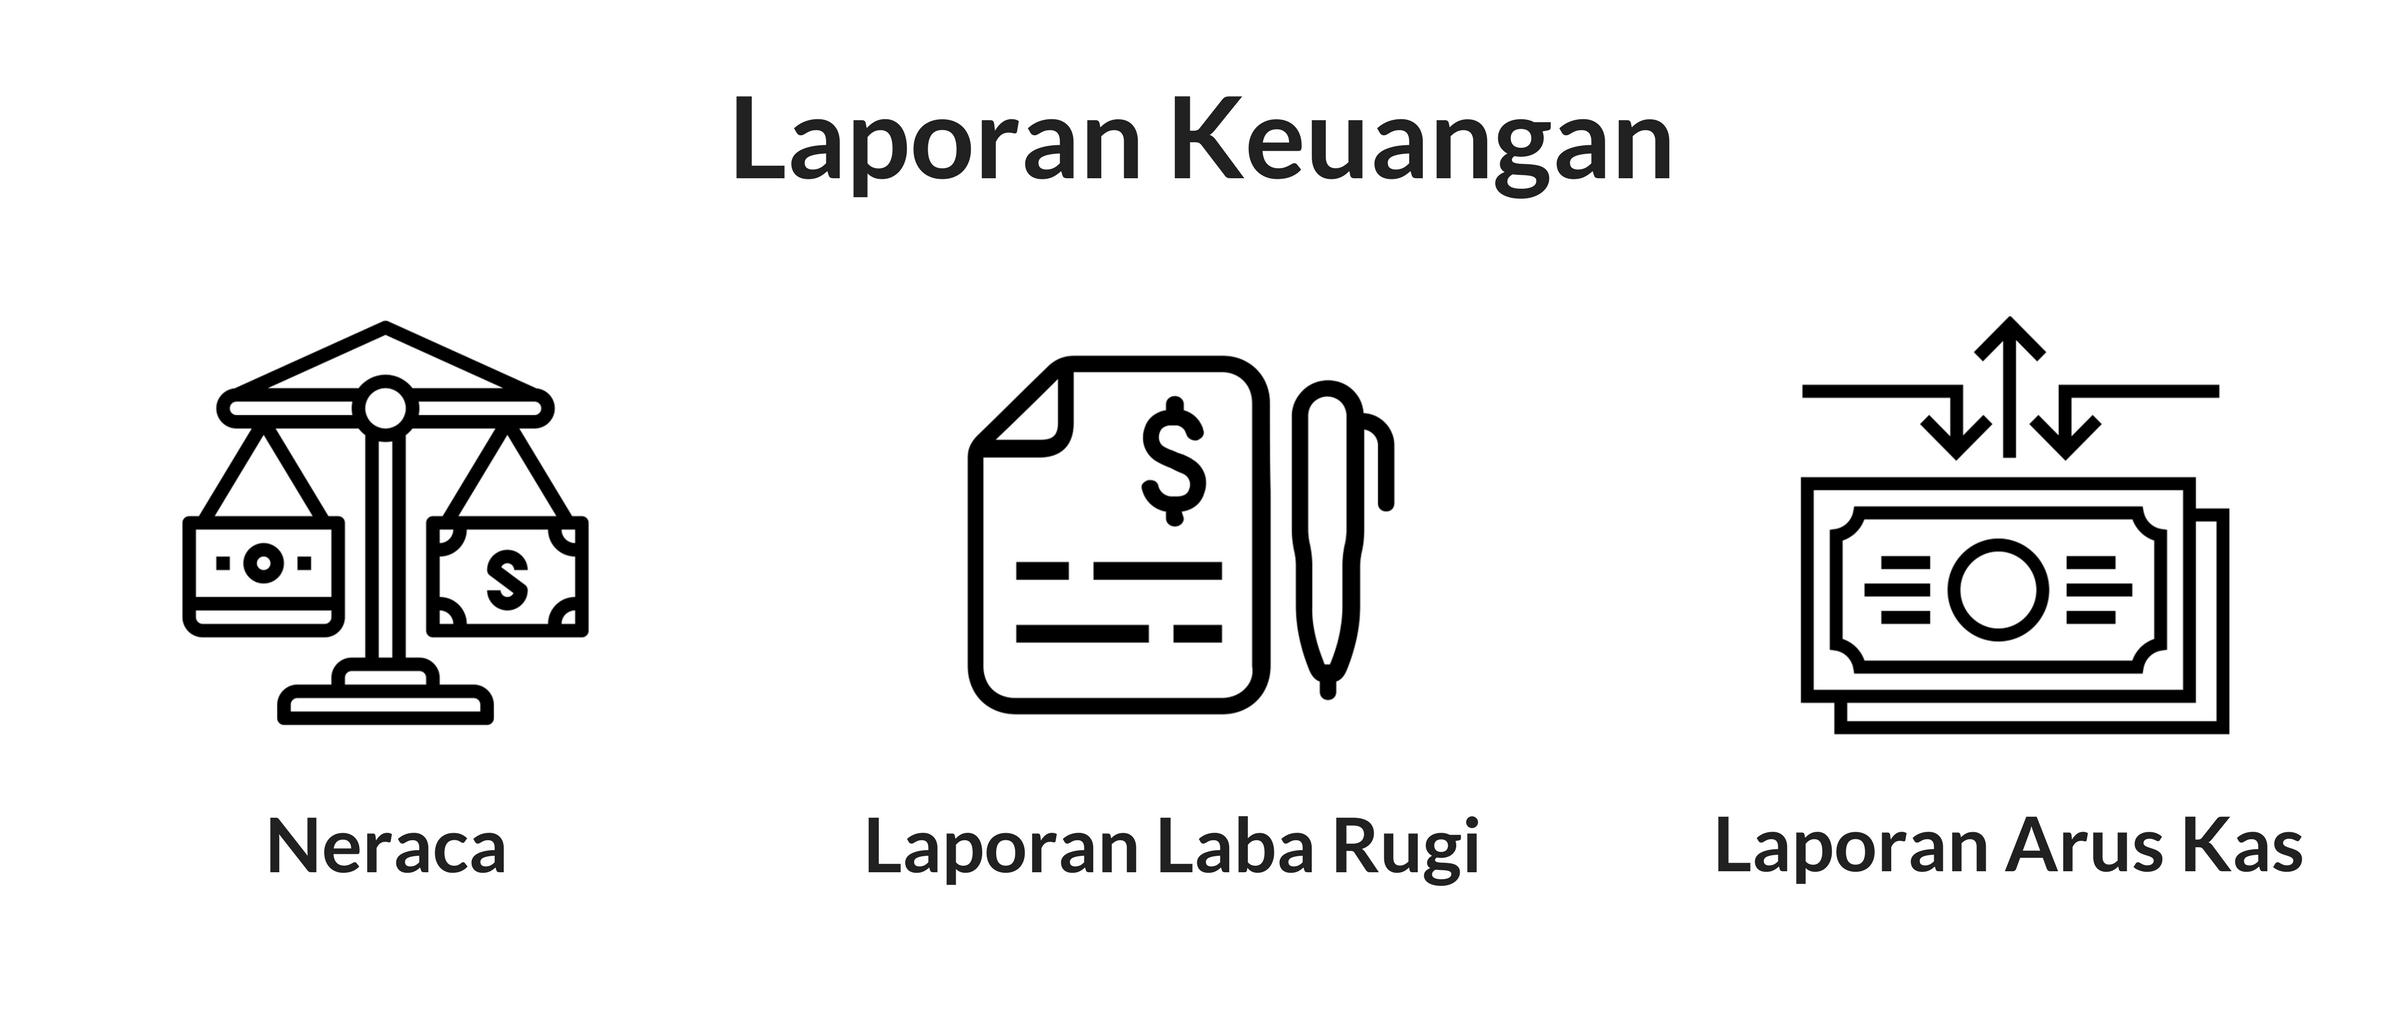 Panduan Untuk Raih Profit Maksimal Dengan Manajemen Keuangan